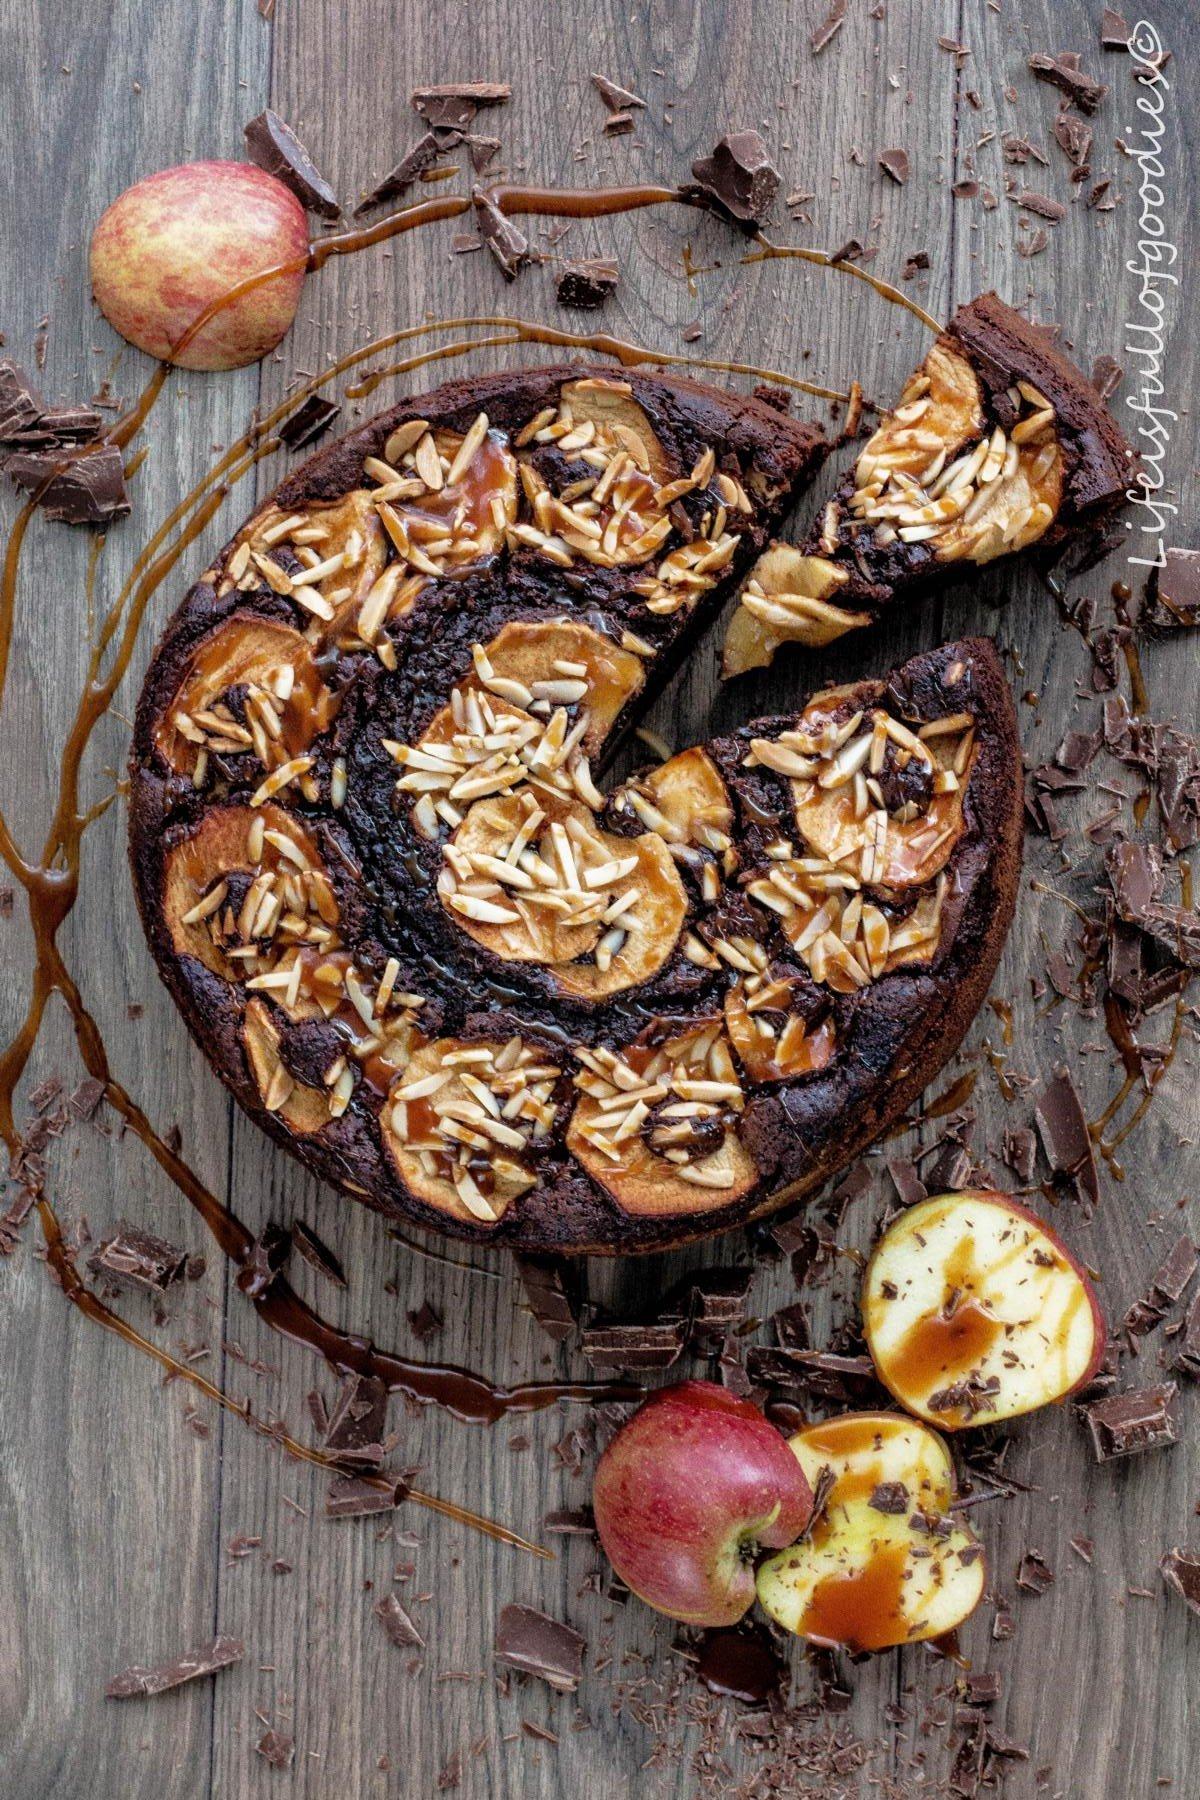 Schoko-Apfelkuchen mit Mandeln und Karamell - Life Is Full Of Goodies